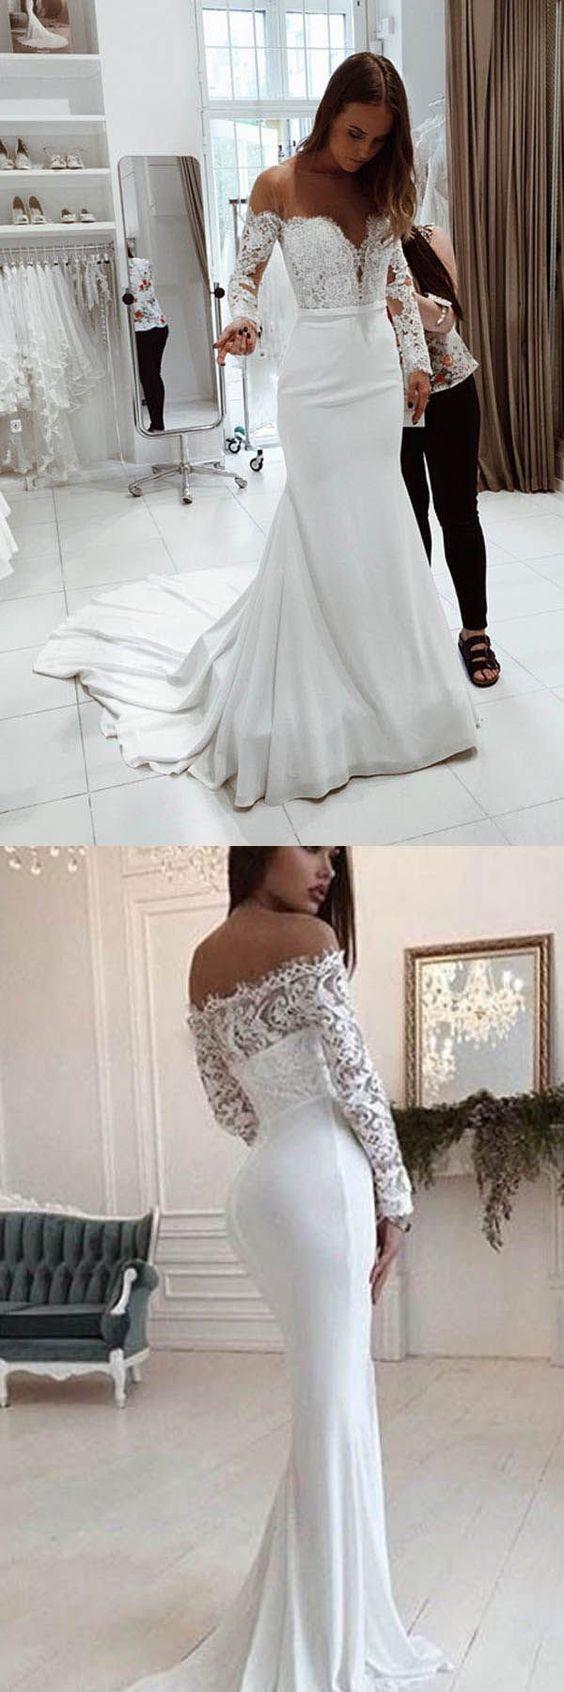 Long Sleeves Off the Shoulder Mermaid Bridal Long Wedding Dresses